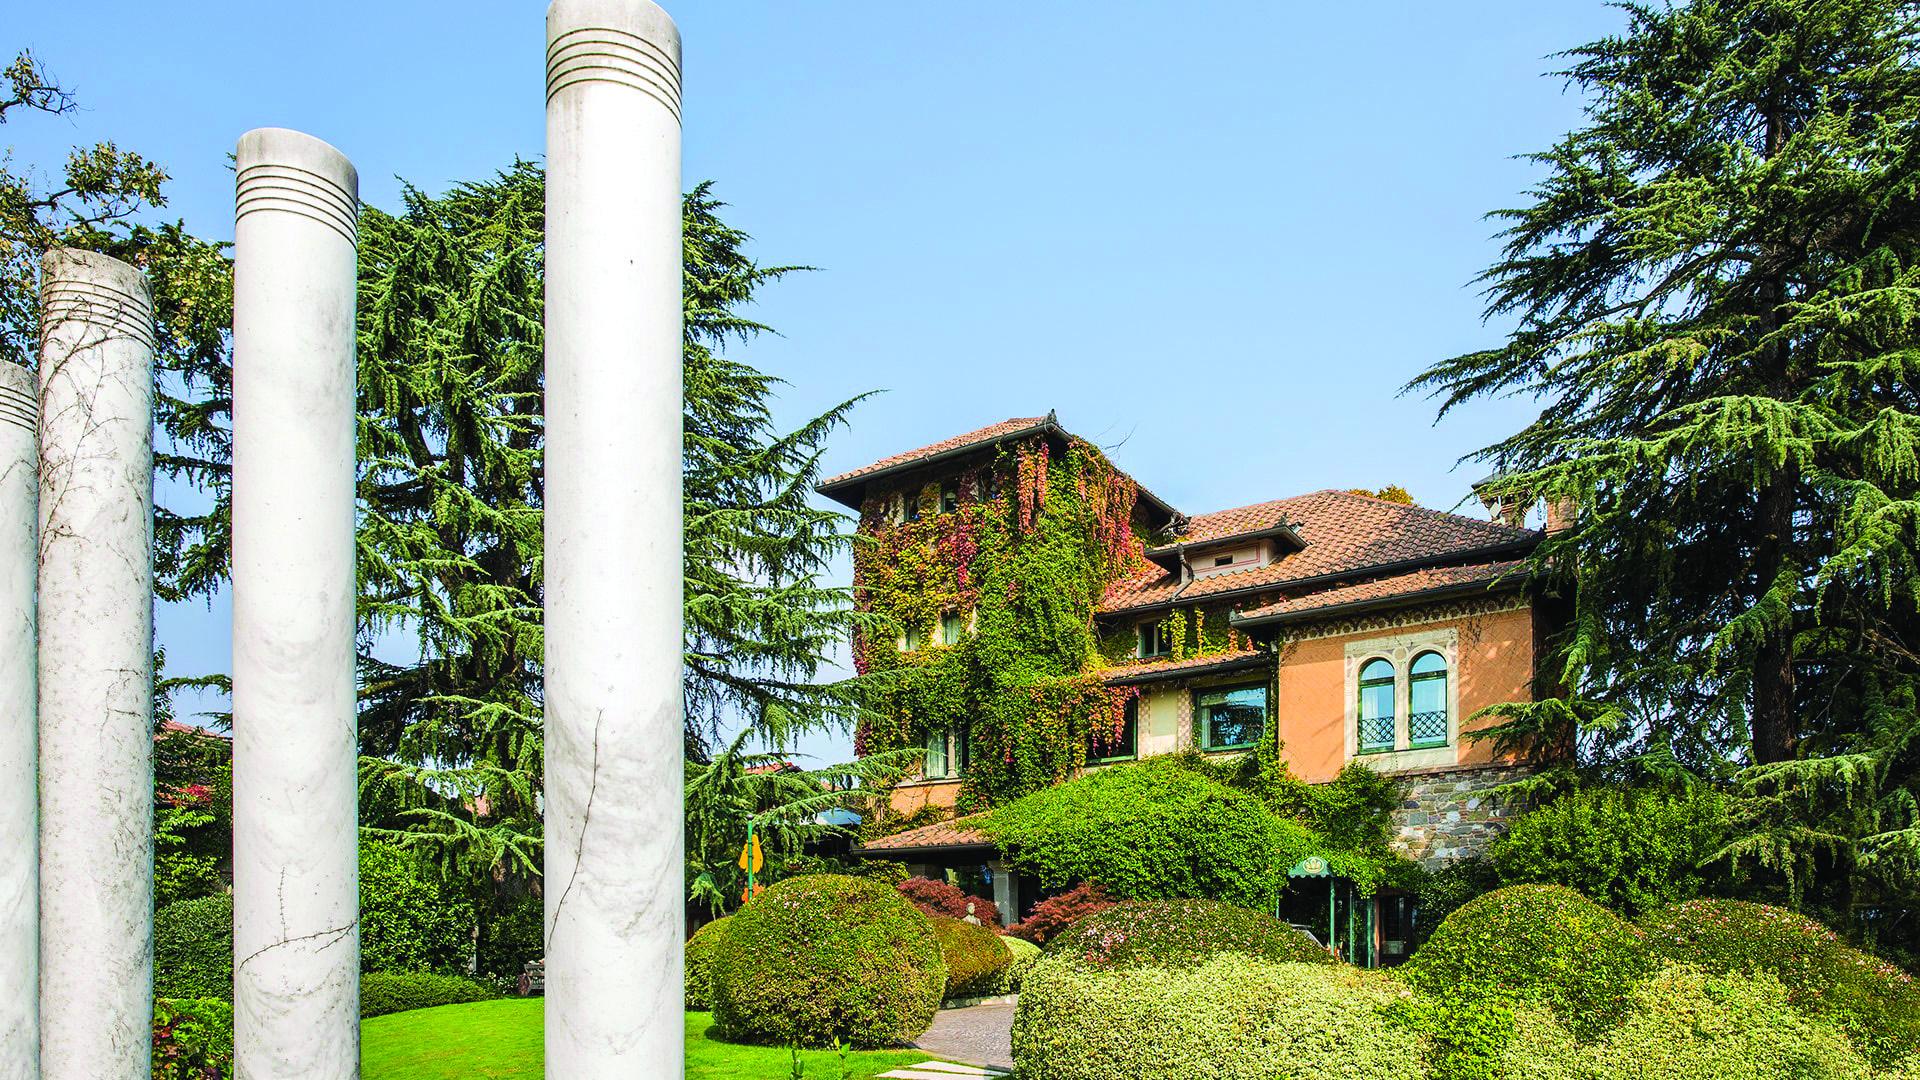 Migliori hotel italiani: L'Albereta tra le 100 Eccellenze Italiane per Forbes